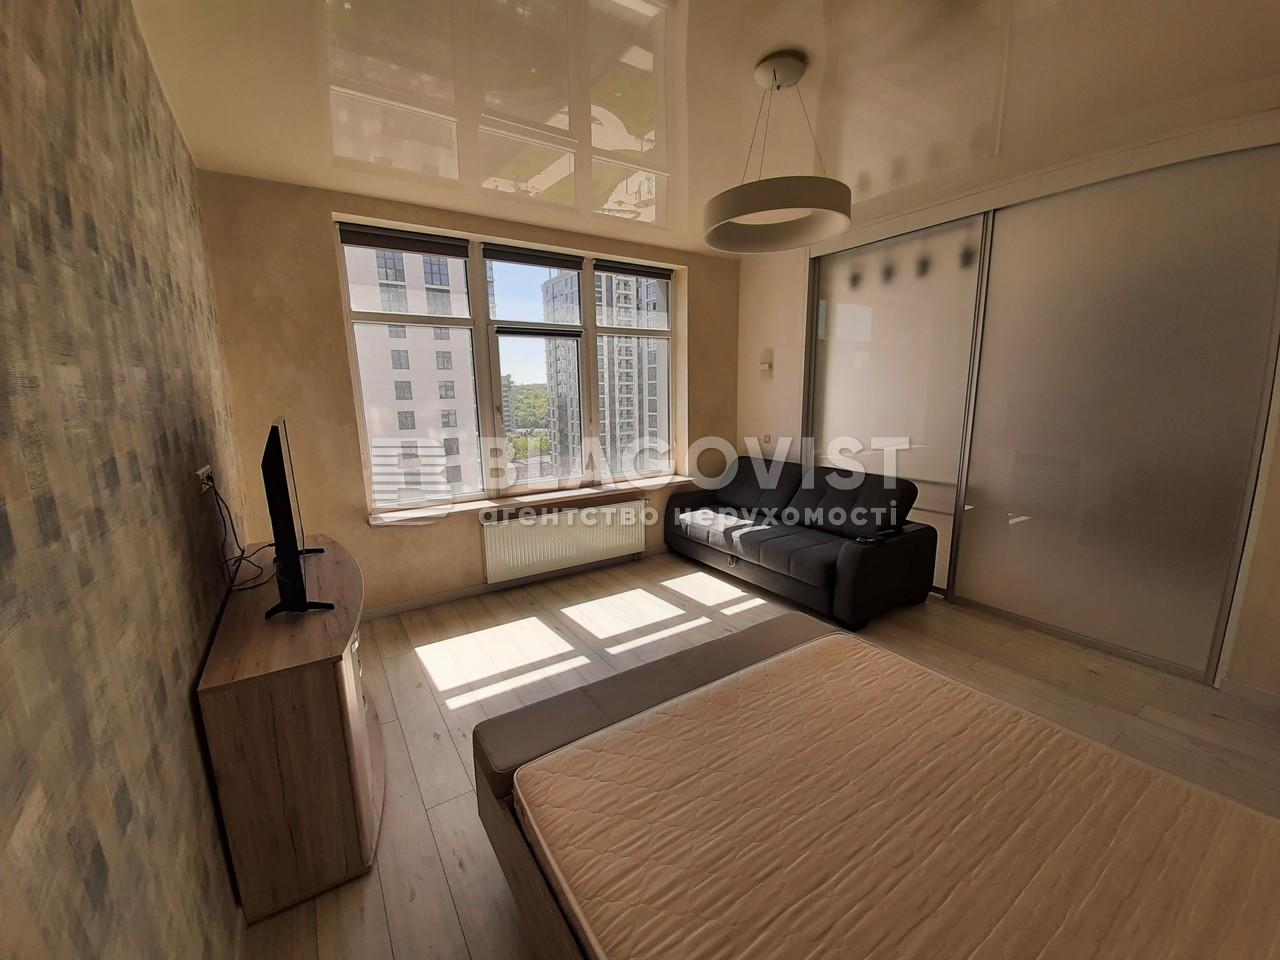 Квартира P-29686, Драгомирова Михаила, 15, Киев - Фото 1